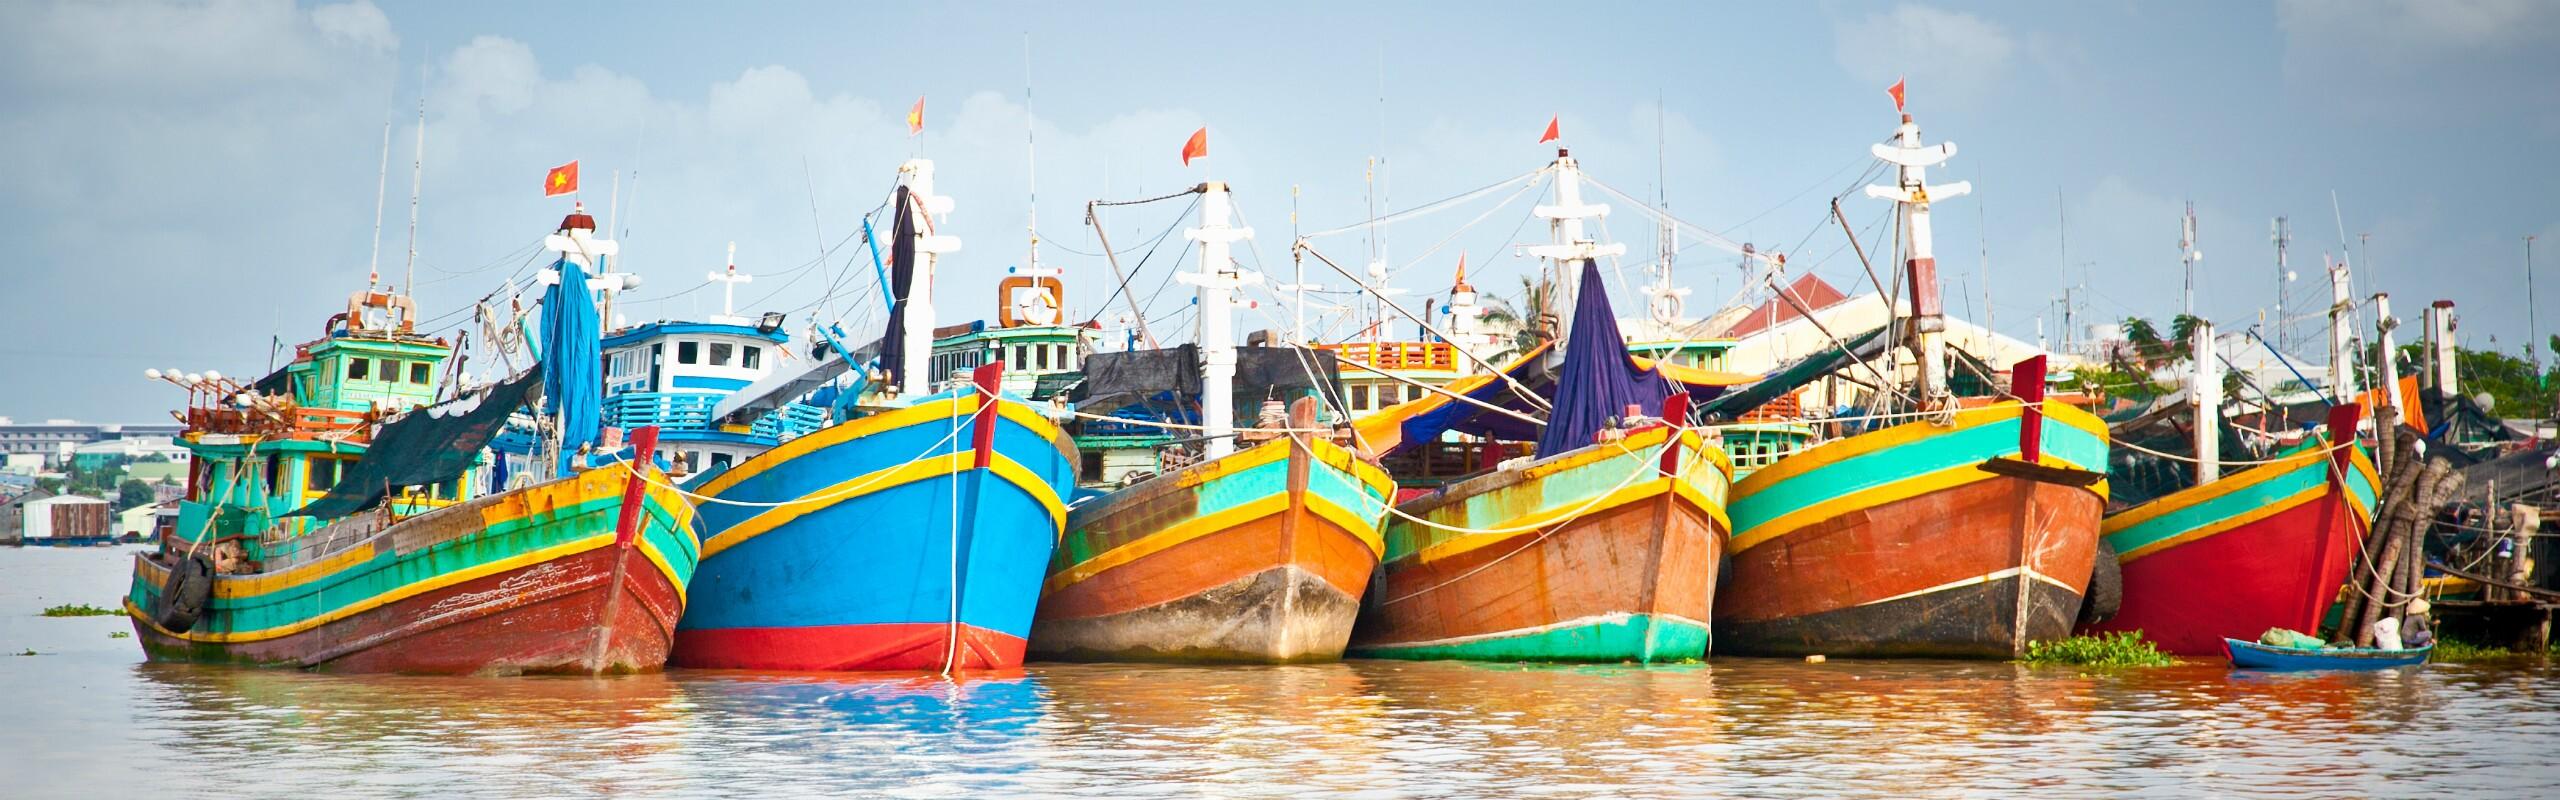 Landscape of Vietnam - Picture Perfect Diversity